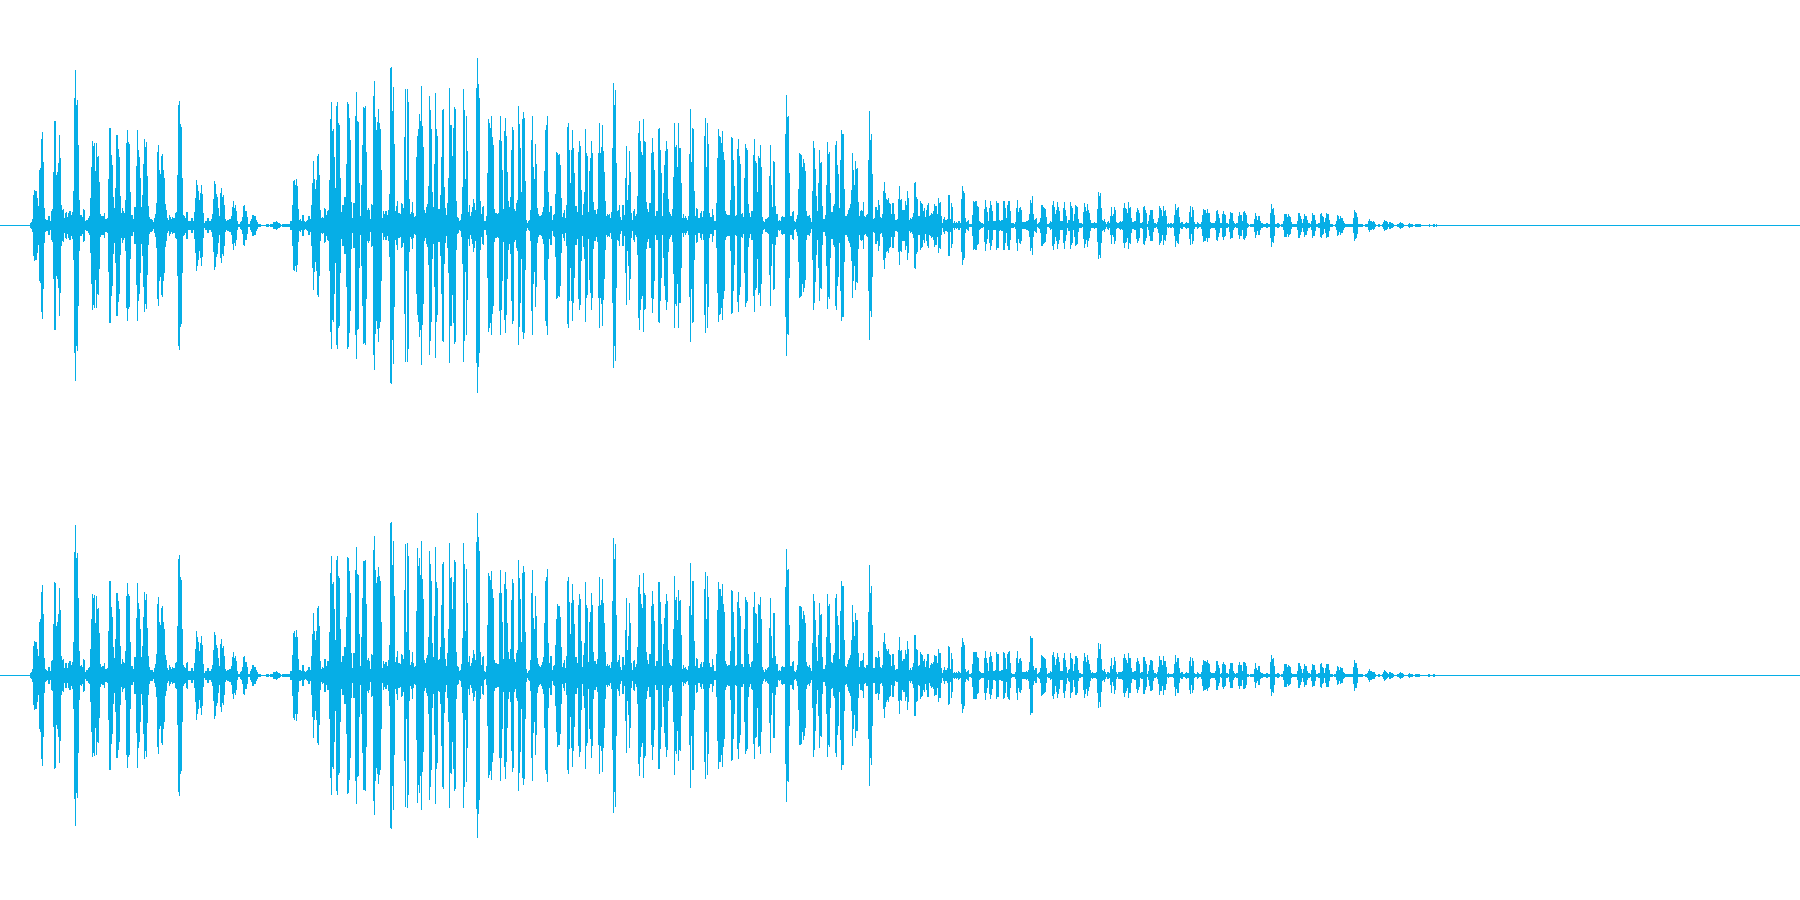 プハァ〜(やや高音)の再生済みの波形